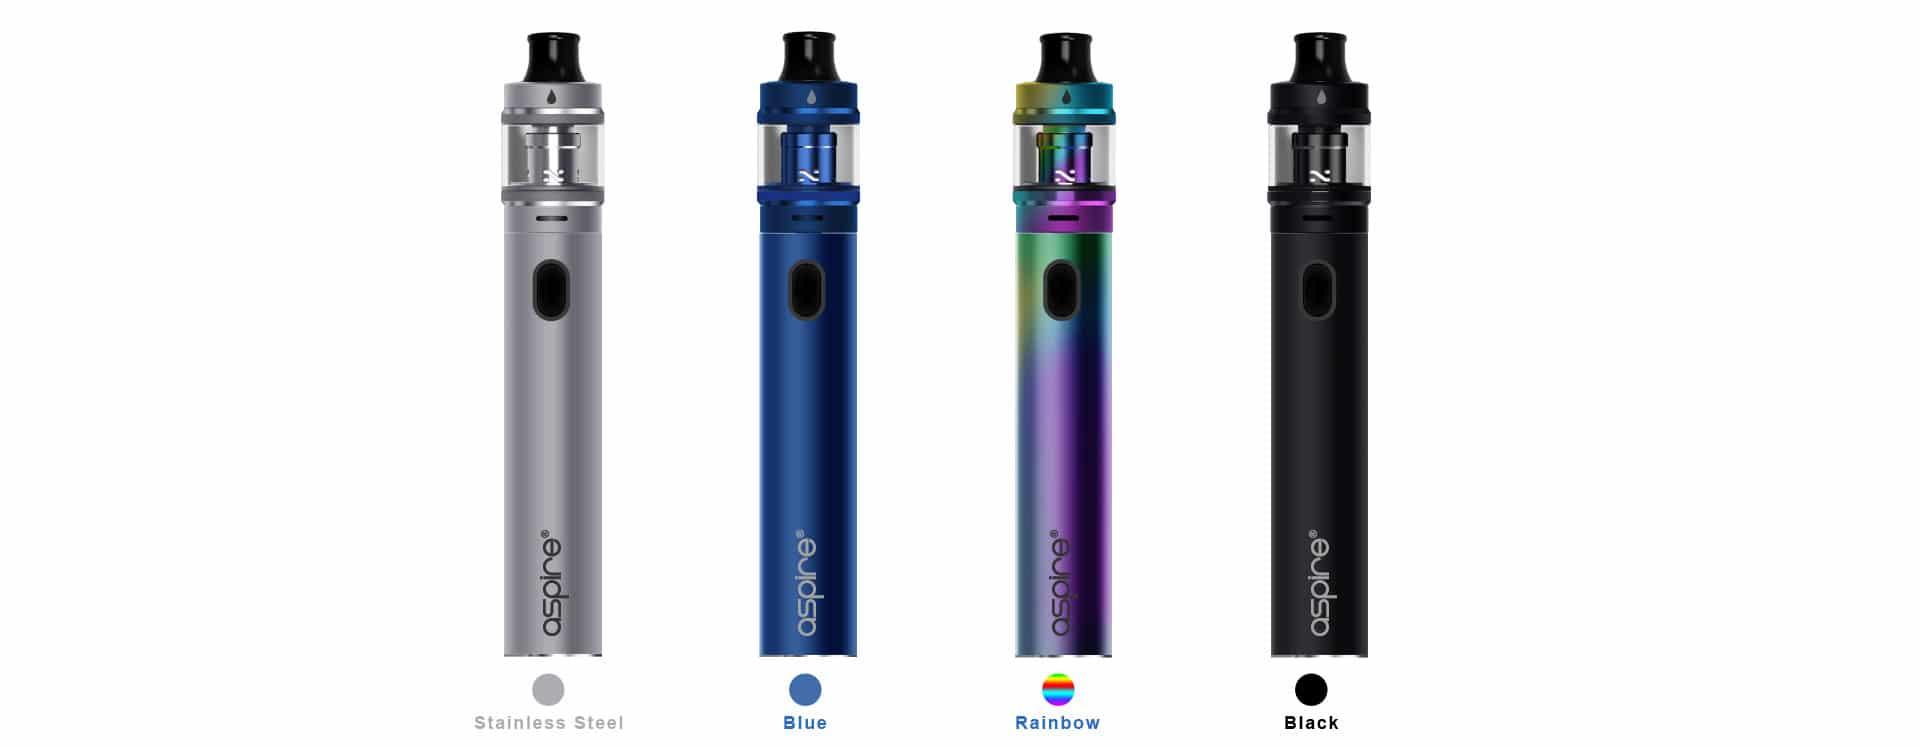 Aspire Tigon Kit - color options